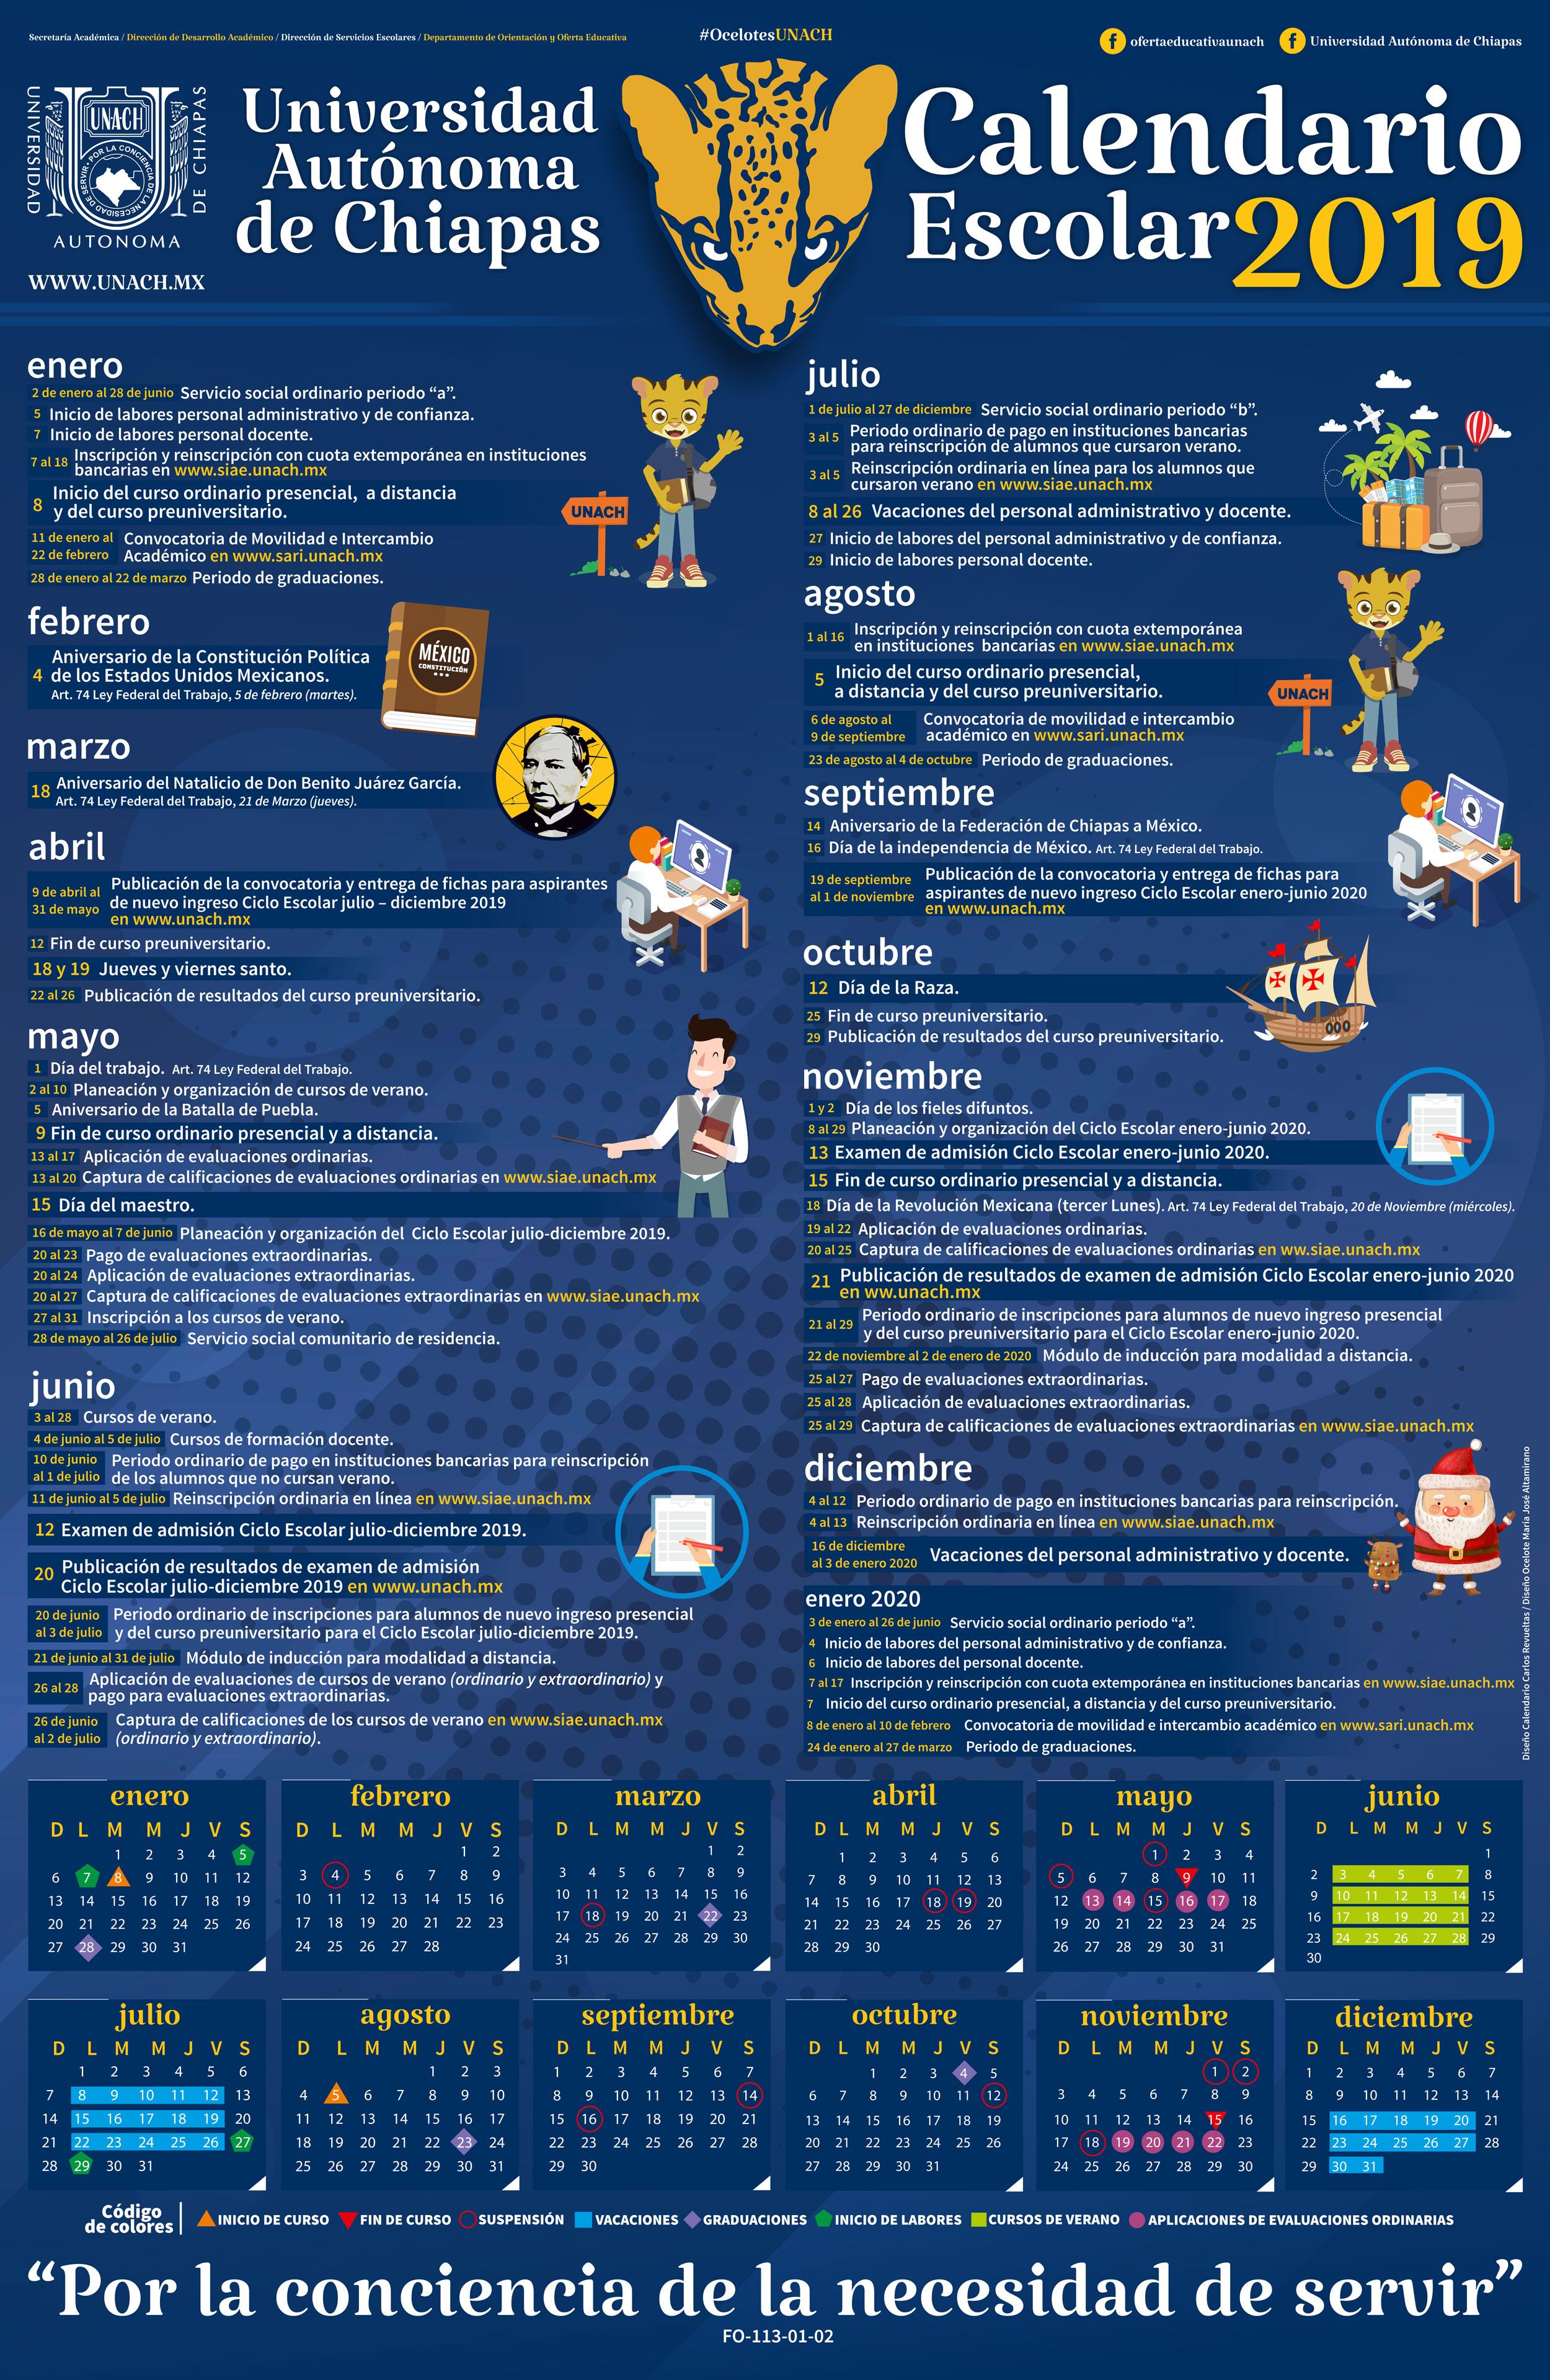 Calendario 20017.Calendario Escolar 2019